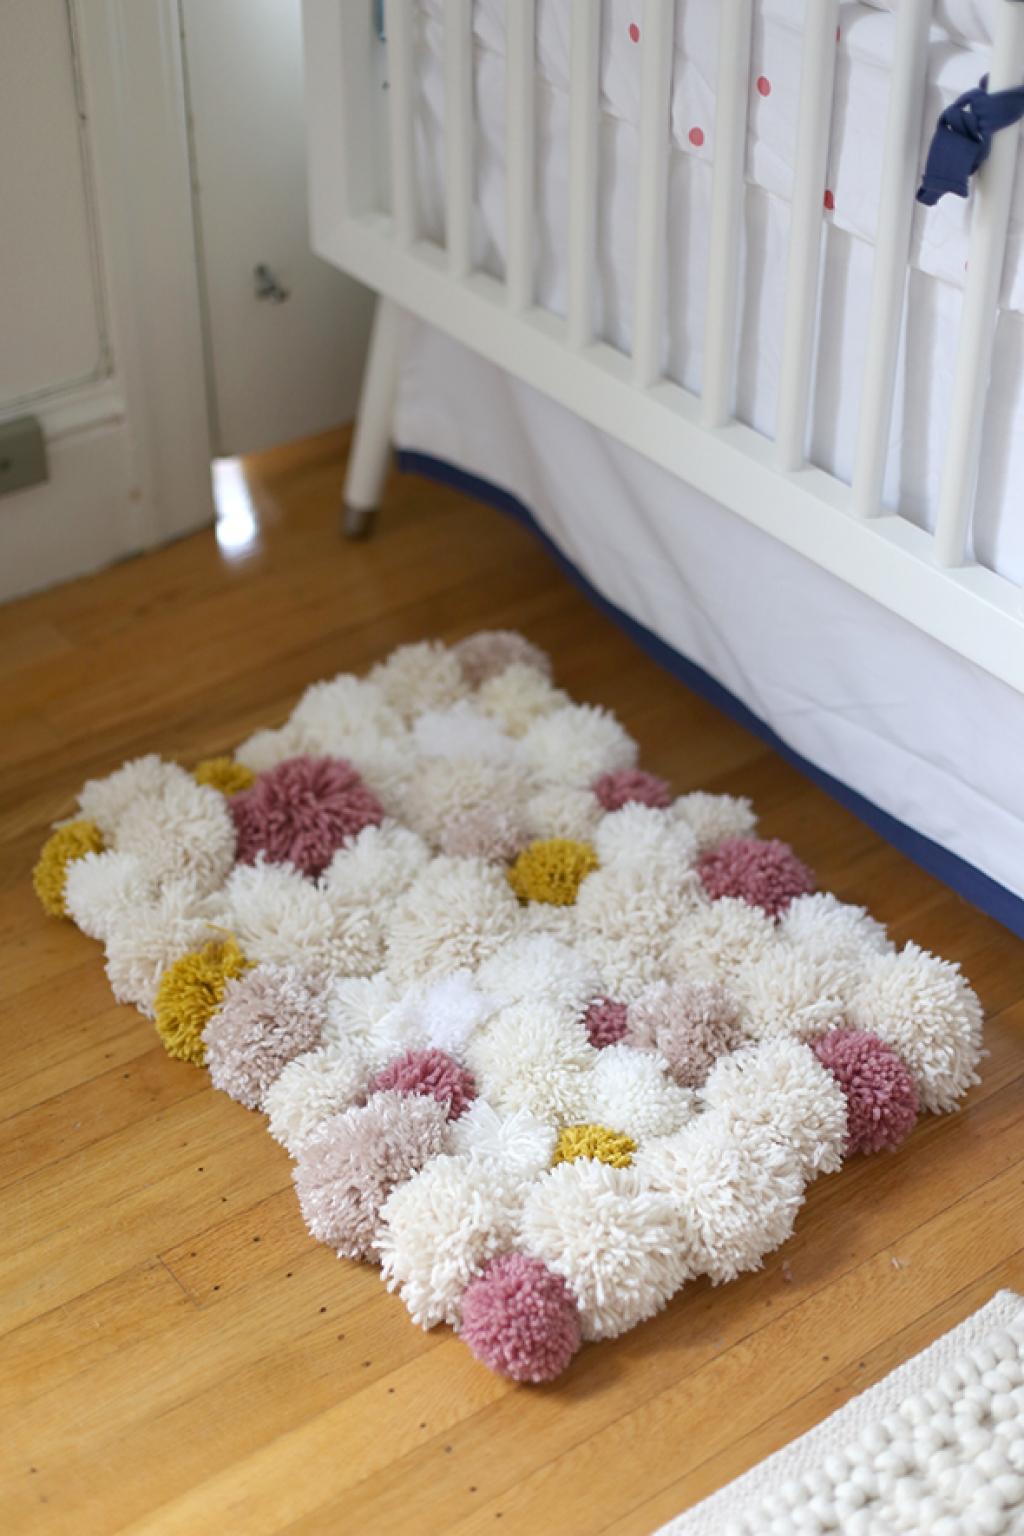 Décoration Chambre Bébé Fait Soi Même diy chambre bébé : 10 idées déco à faire soi-même ! ⋆ club